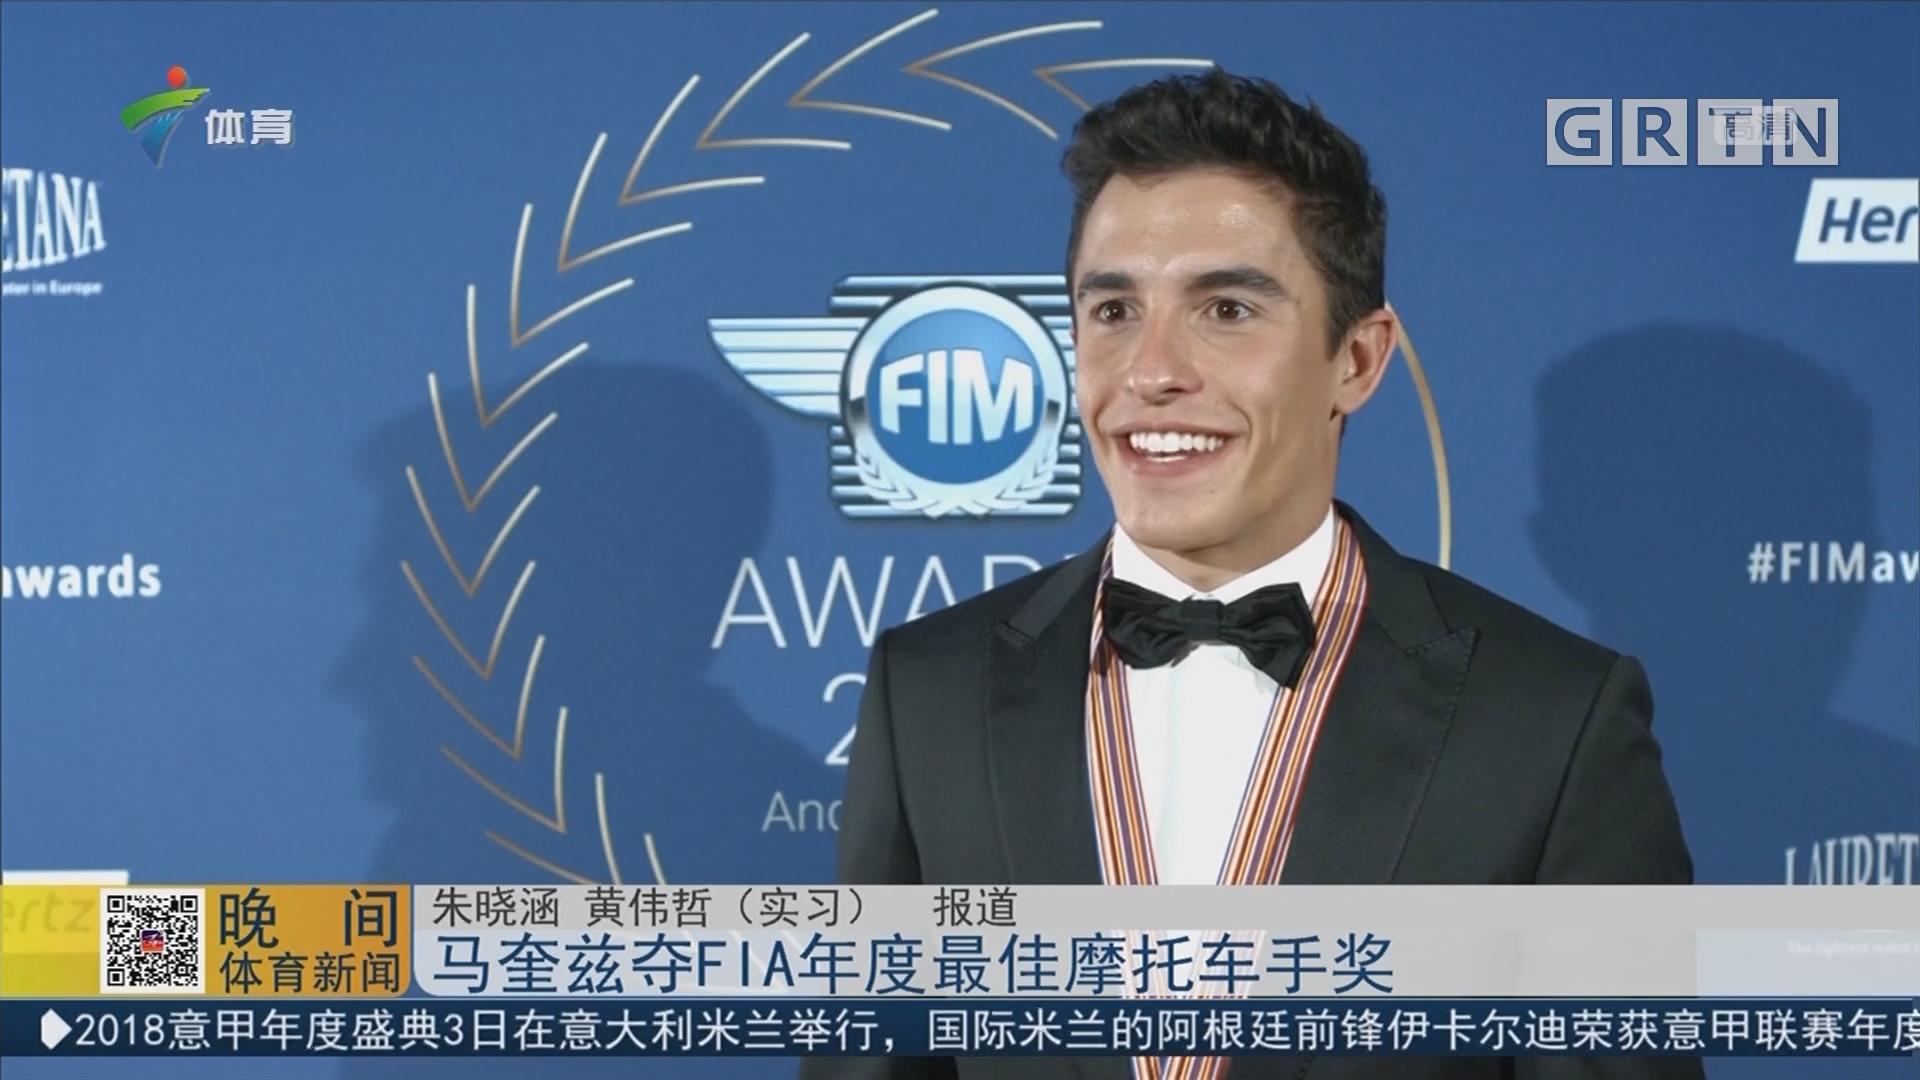 马奎兹夺FIA年度最佳摩托车手奖